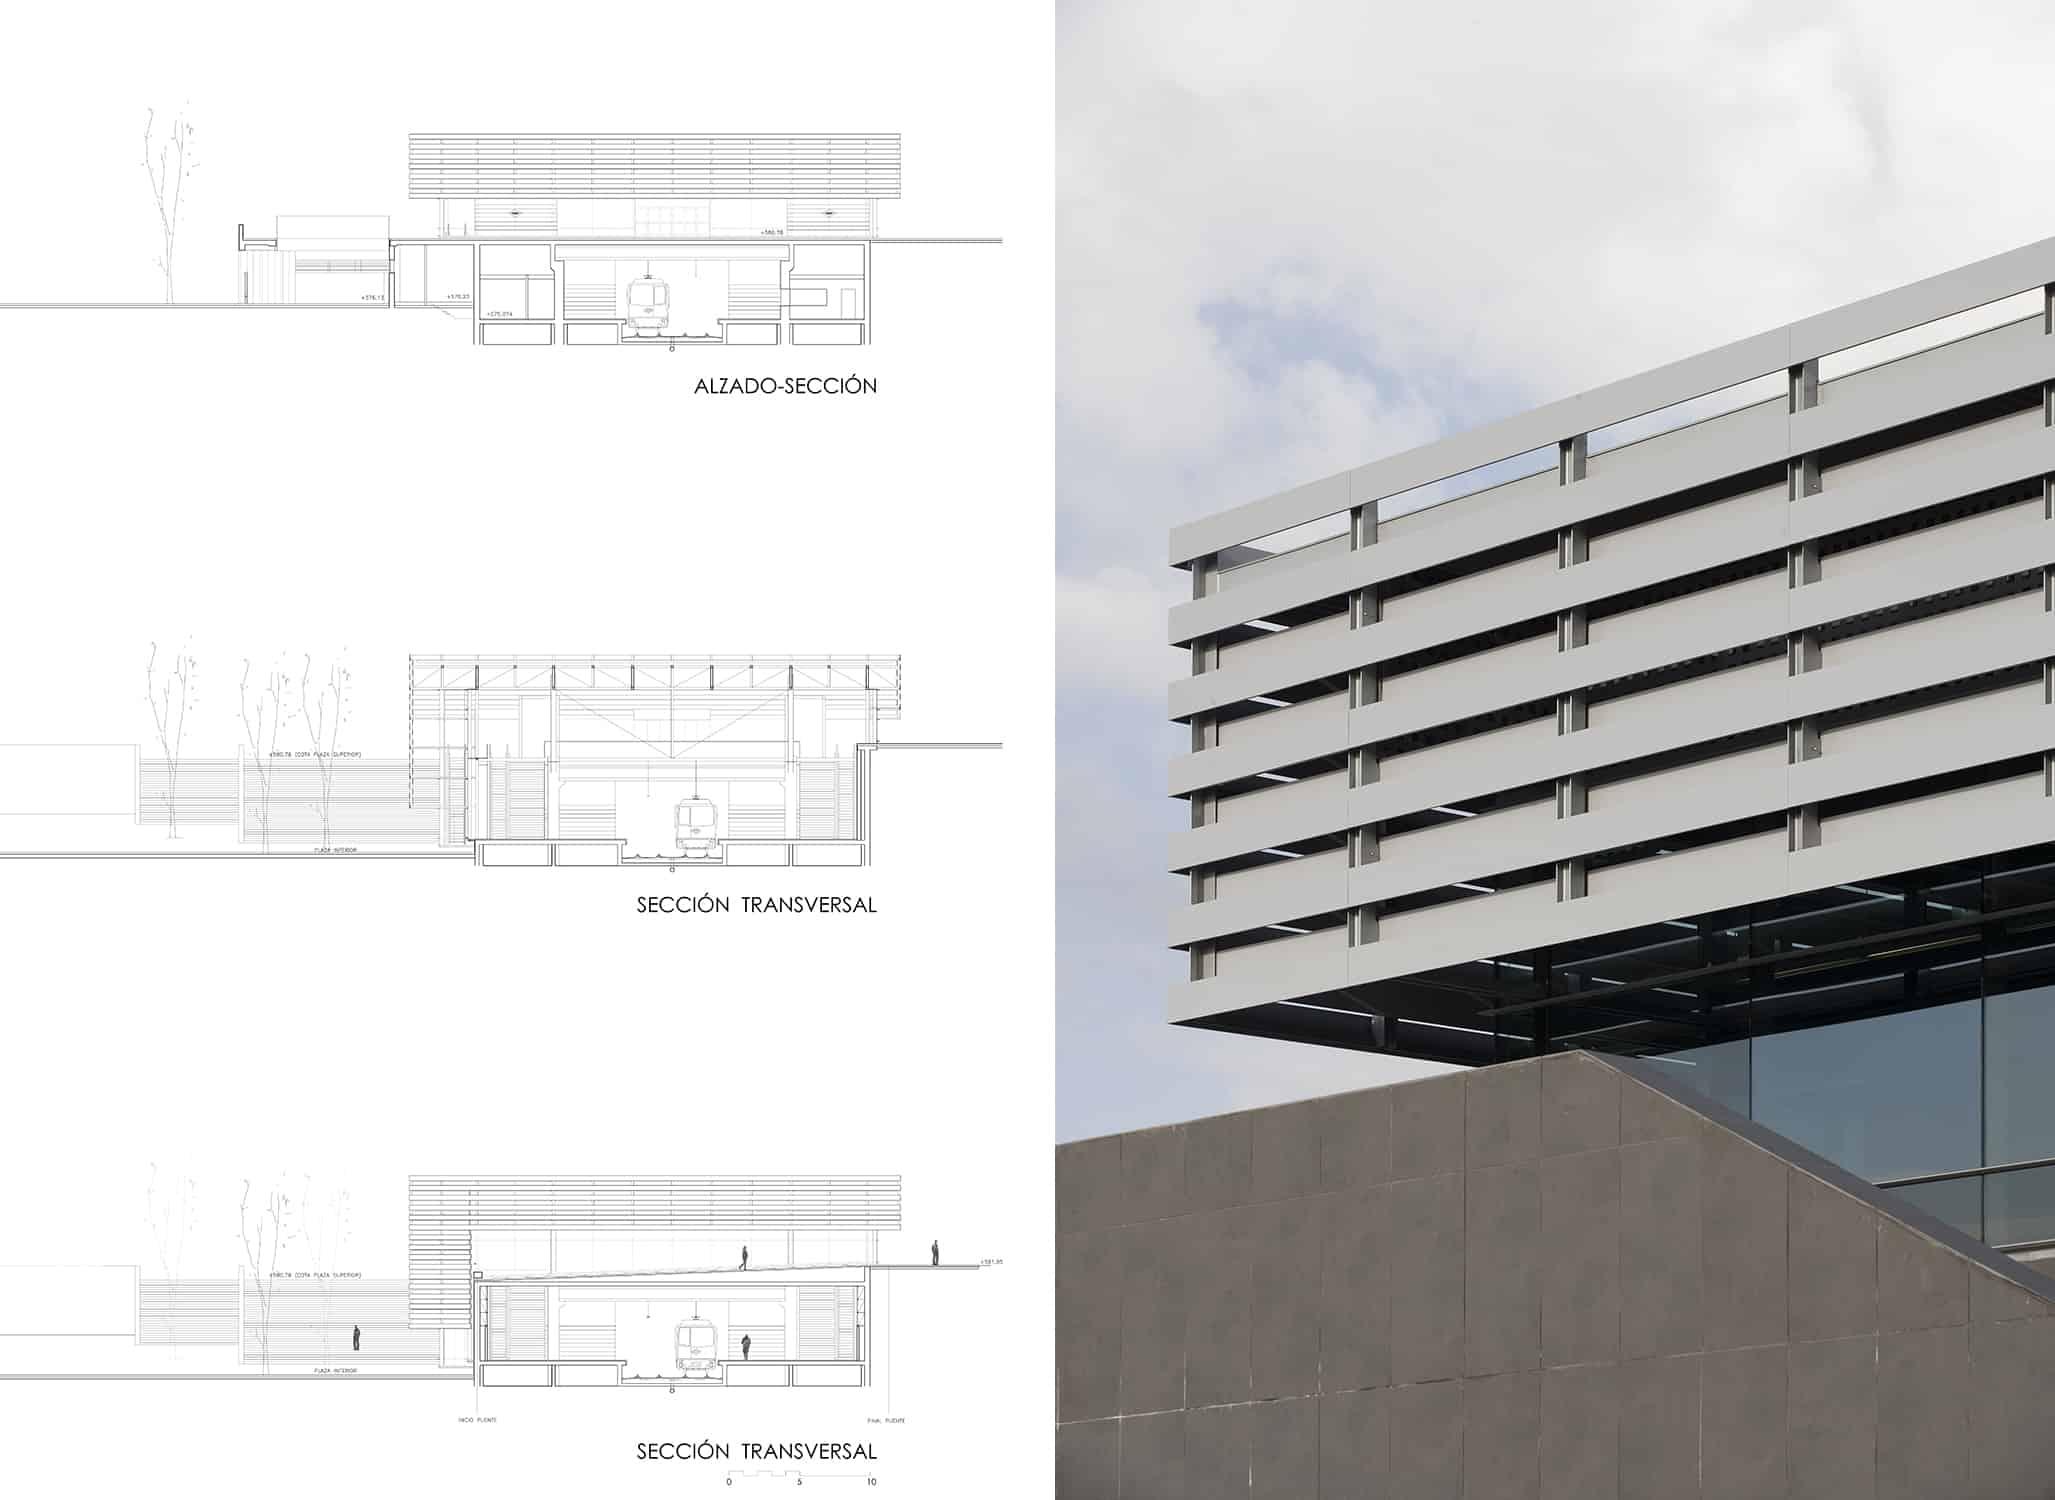 Secciones+Alzados Estación METRO de MADRID_LGV+LANDINEZ+REY | equipo L2G arquitectos, slp [ eL2Gaa ] - arquitectura del transporte